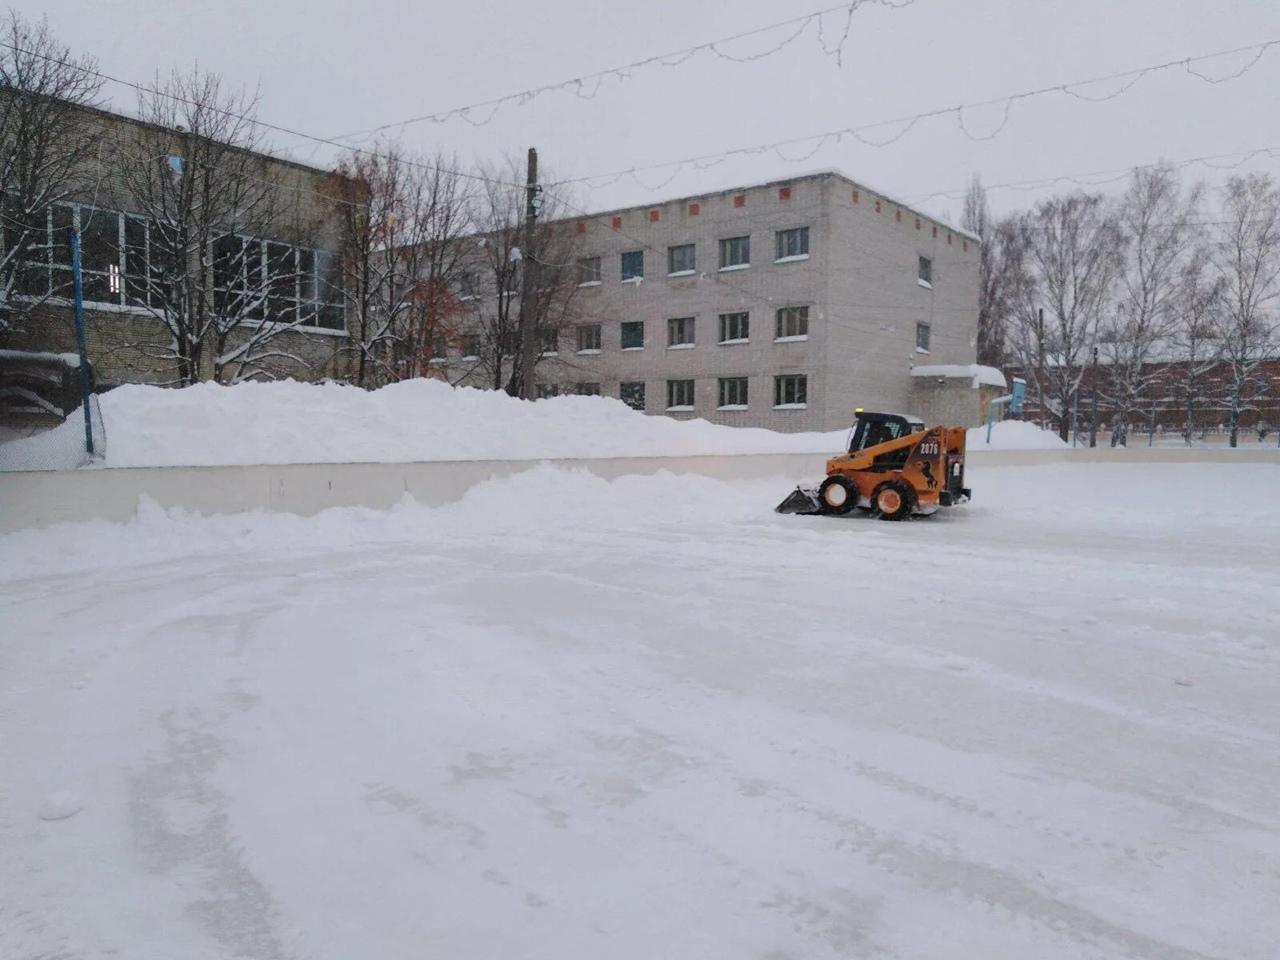 Каток на территории Дома физкультуры Петровска расчищен от снега